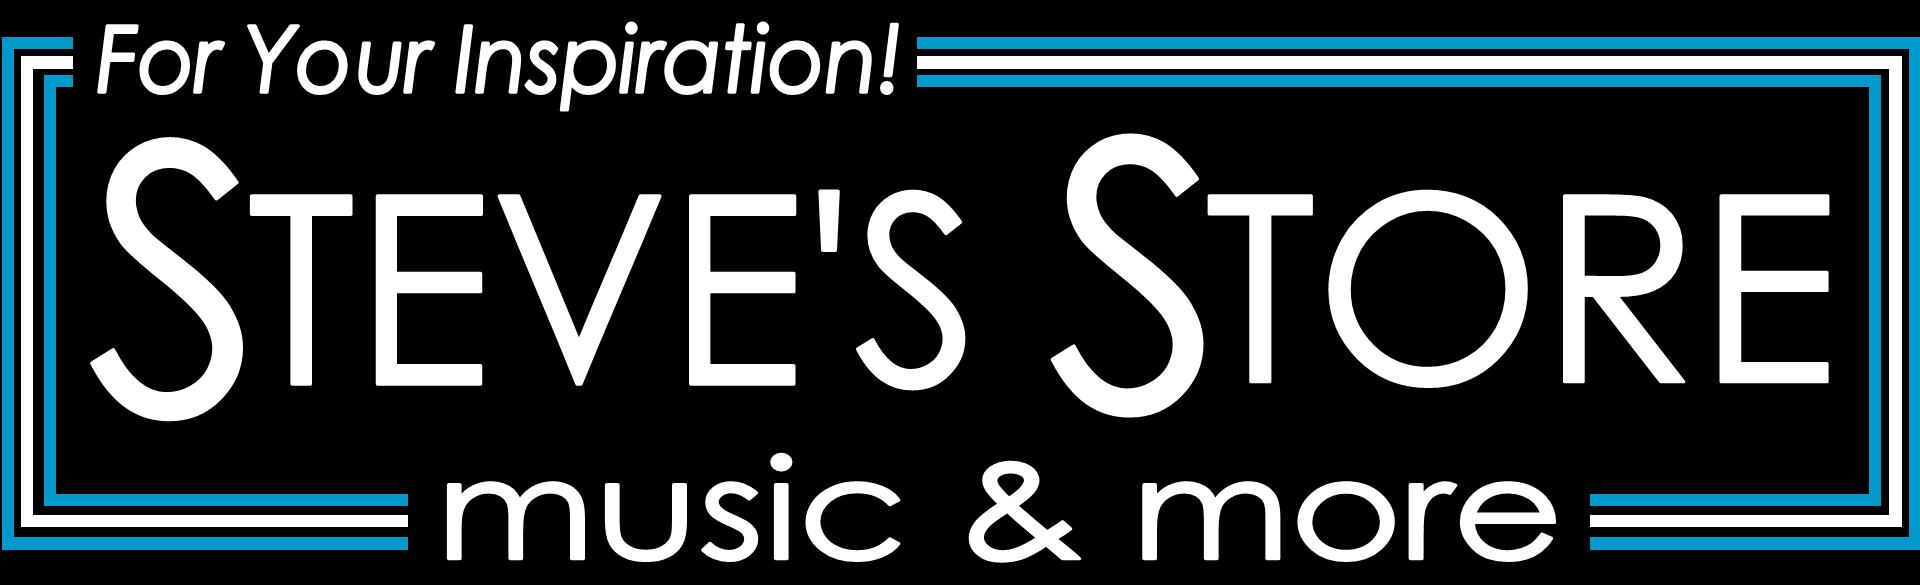 STEVES STORE2.png